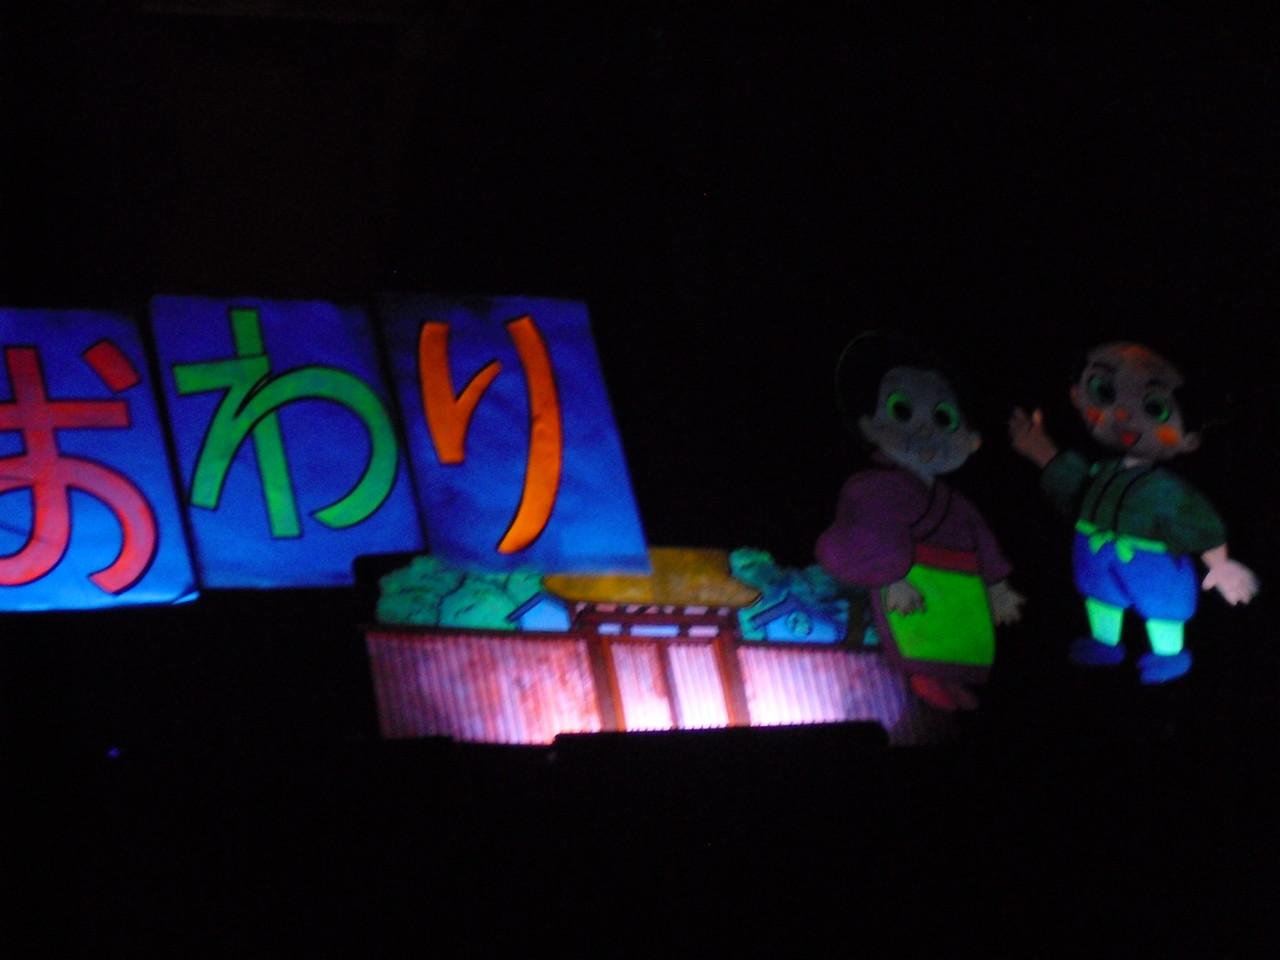 ブラックライトのパネルシアターって初めて見る方も多かったのでは??楽しい素敵な夜でした!ありがとうございました。